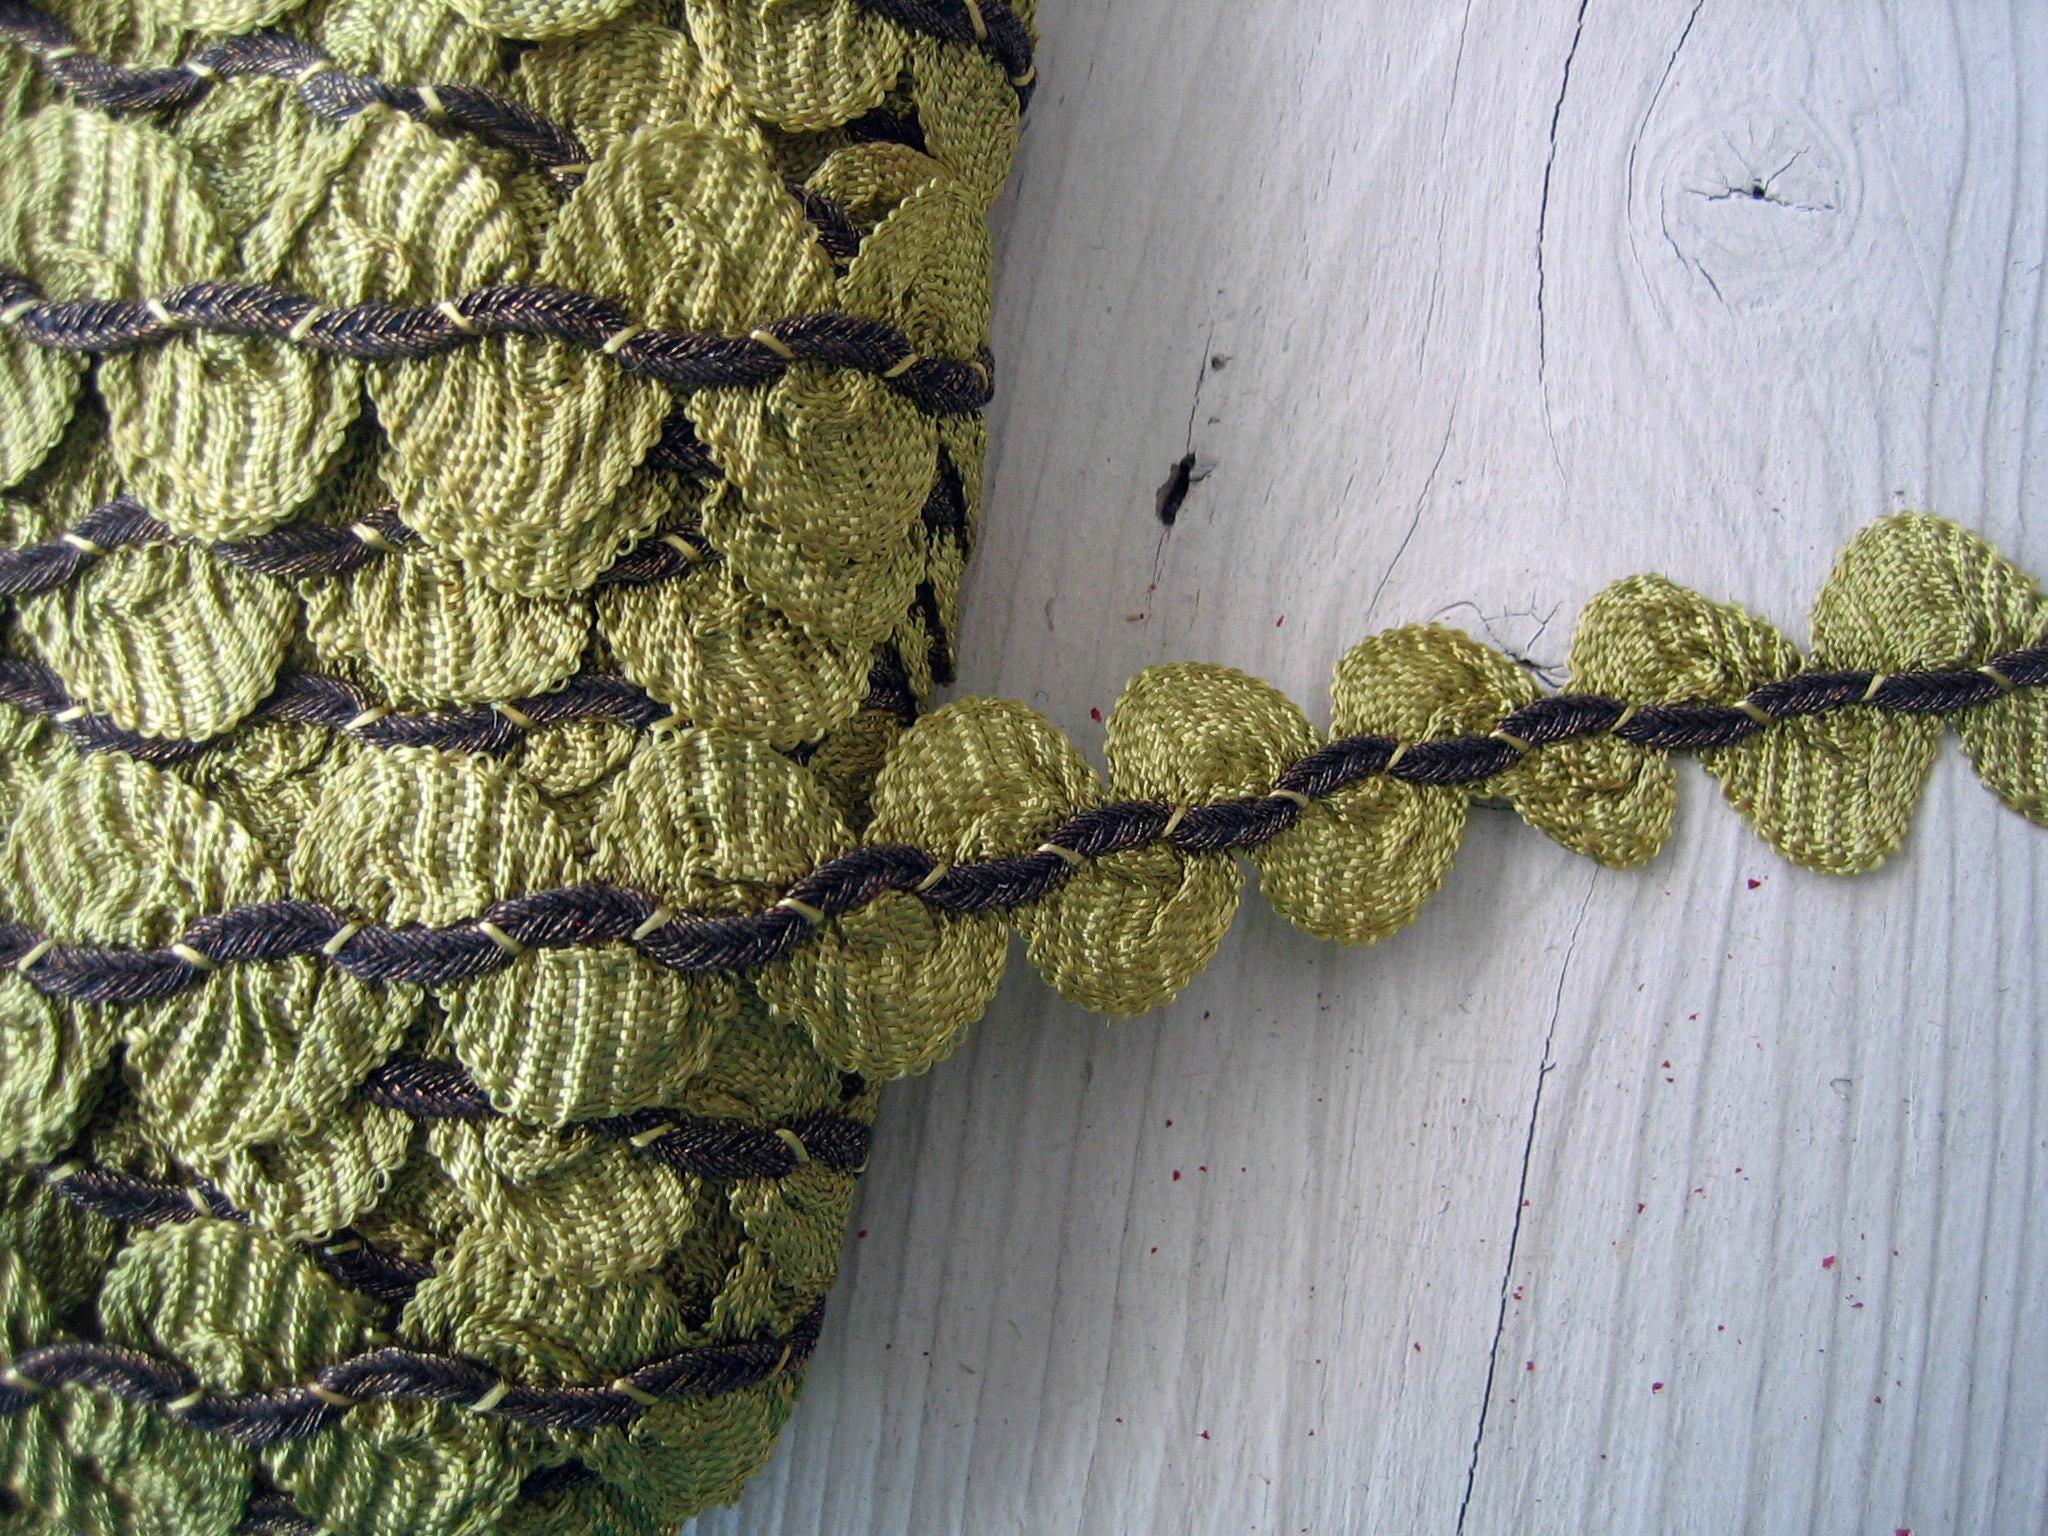 18 pouces Antique Français festonné garniture cordon avec métal Soutache cordon garniture au Centre (Réf: A-4747A boîte 7) fe7a64